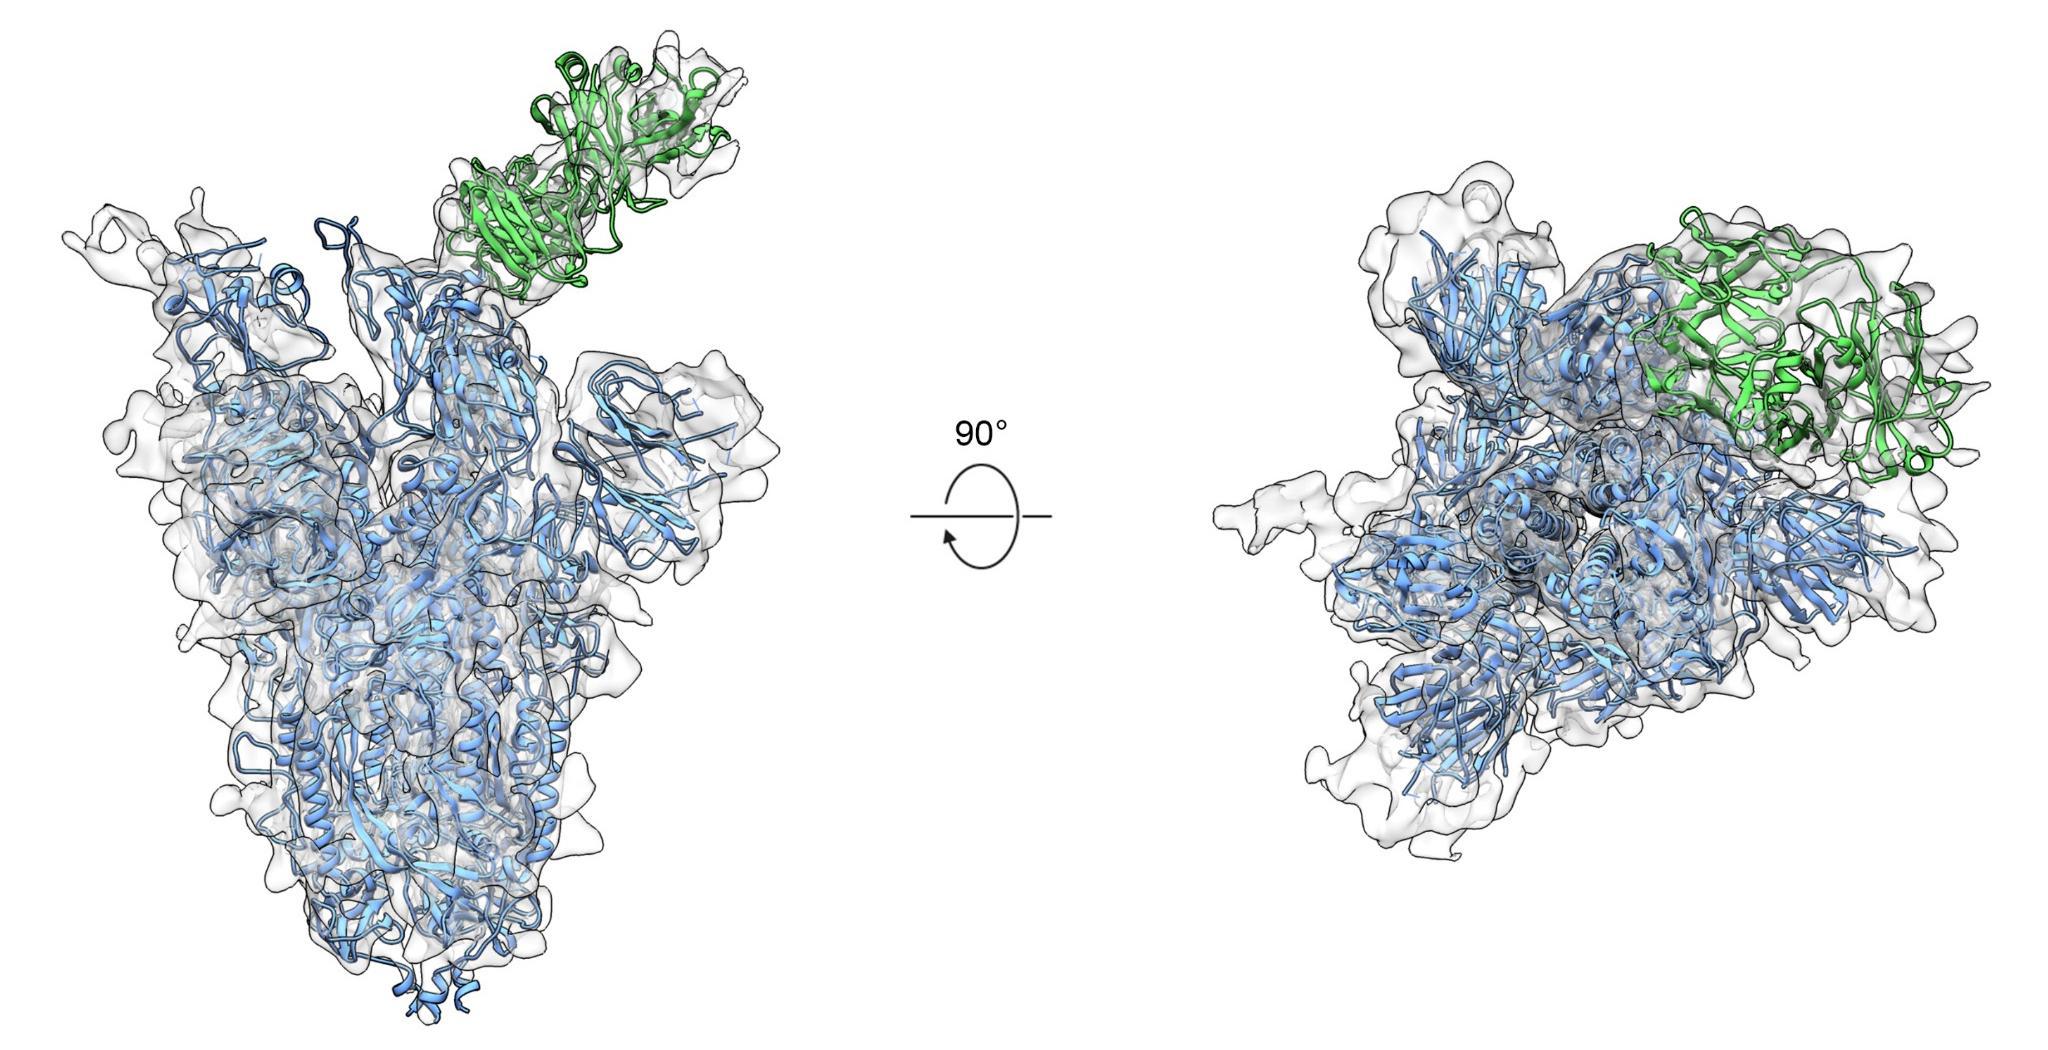 Разработано универсальное антитело, способное защитить человека от вируса SARS-CoV-2, большинства его «родственников» и их возможных мутаций